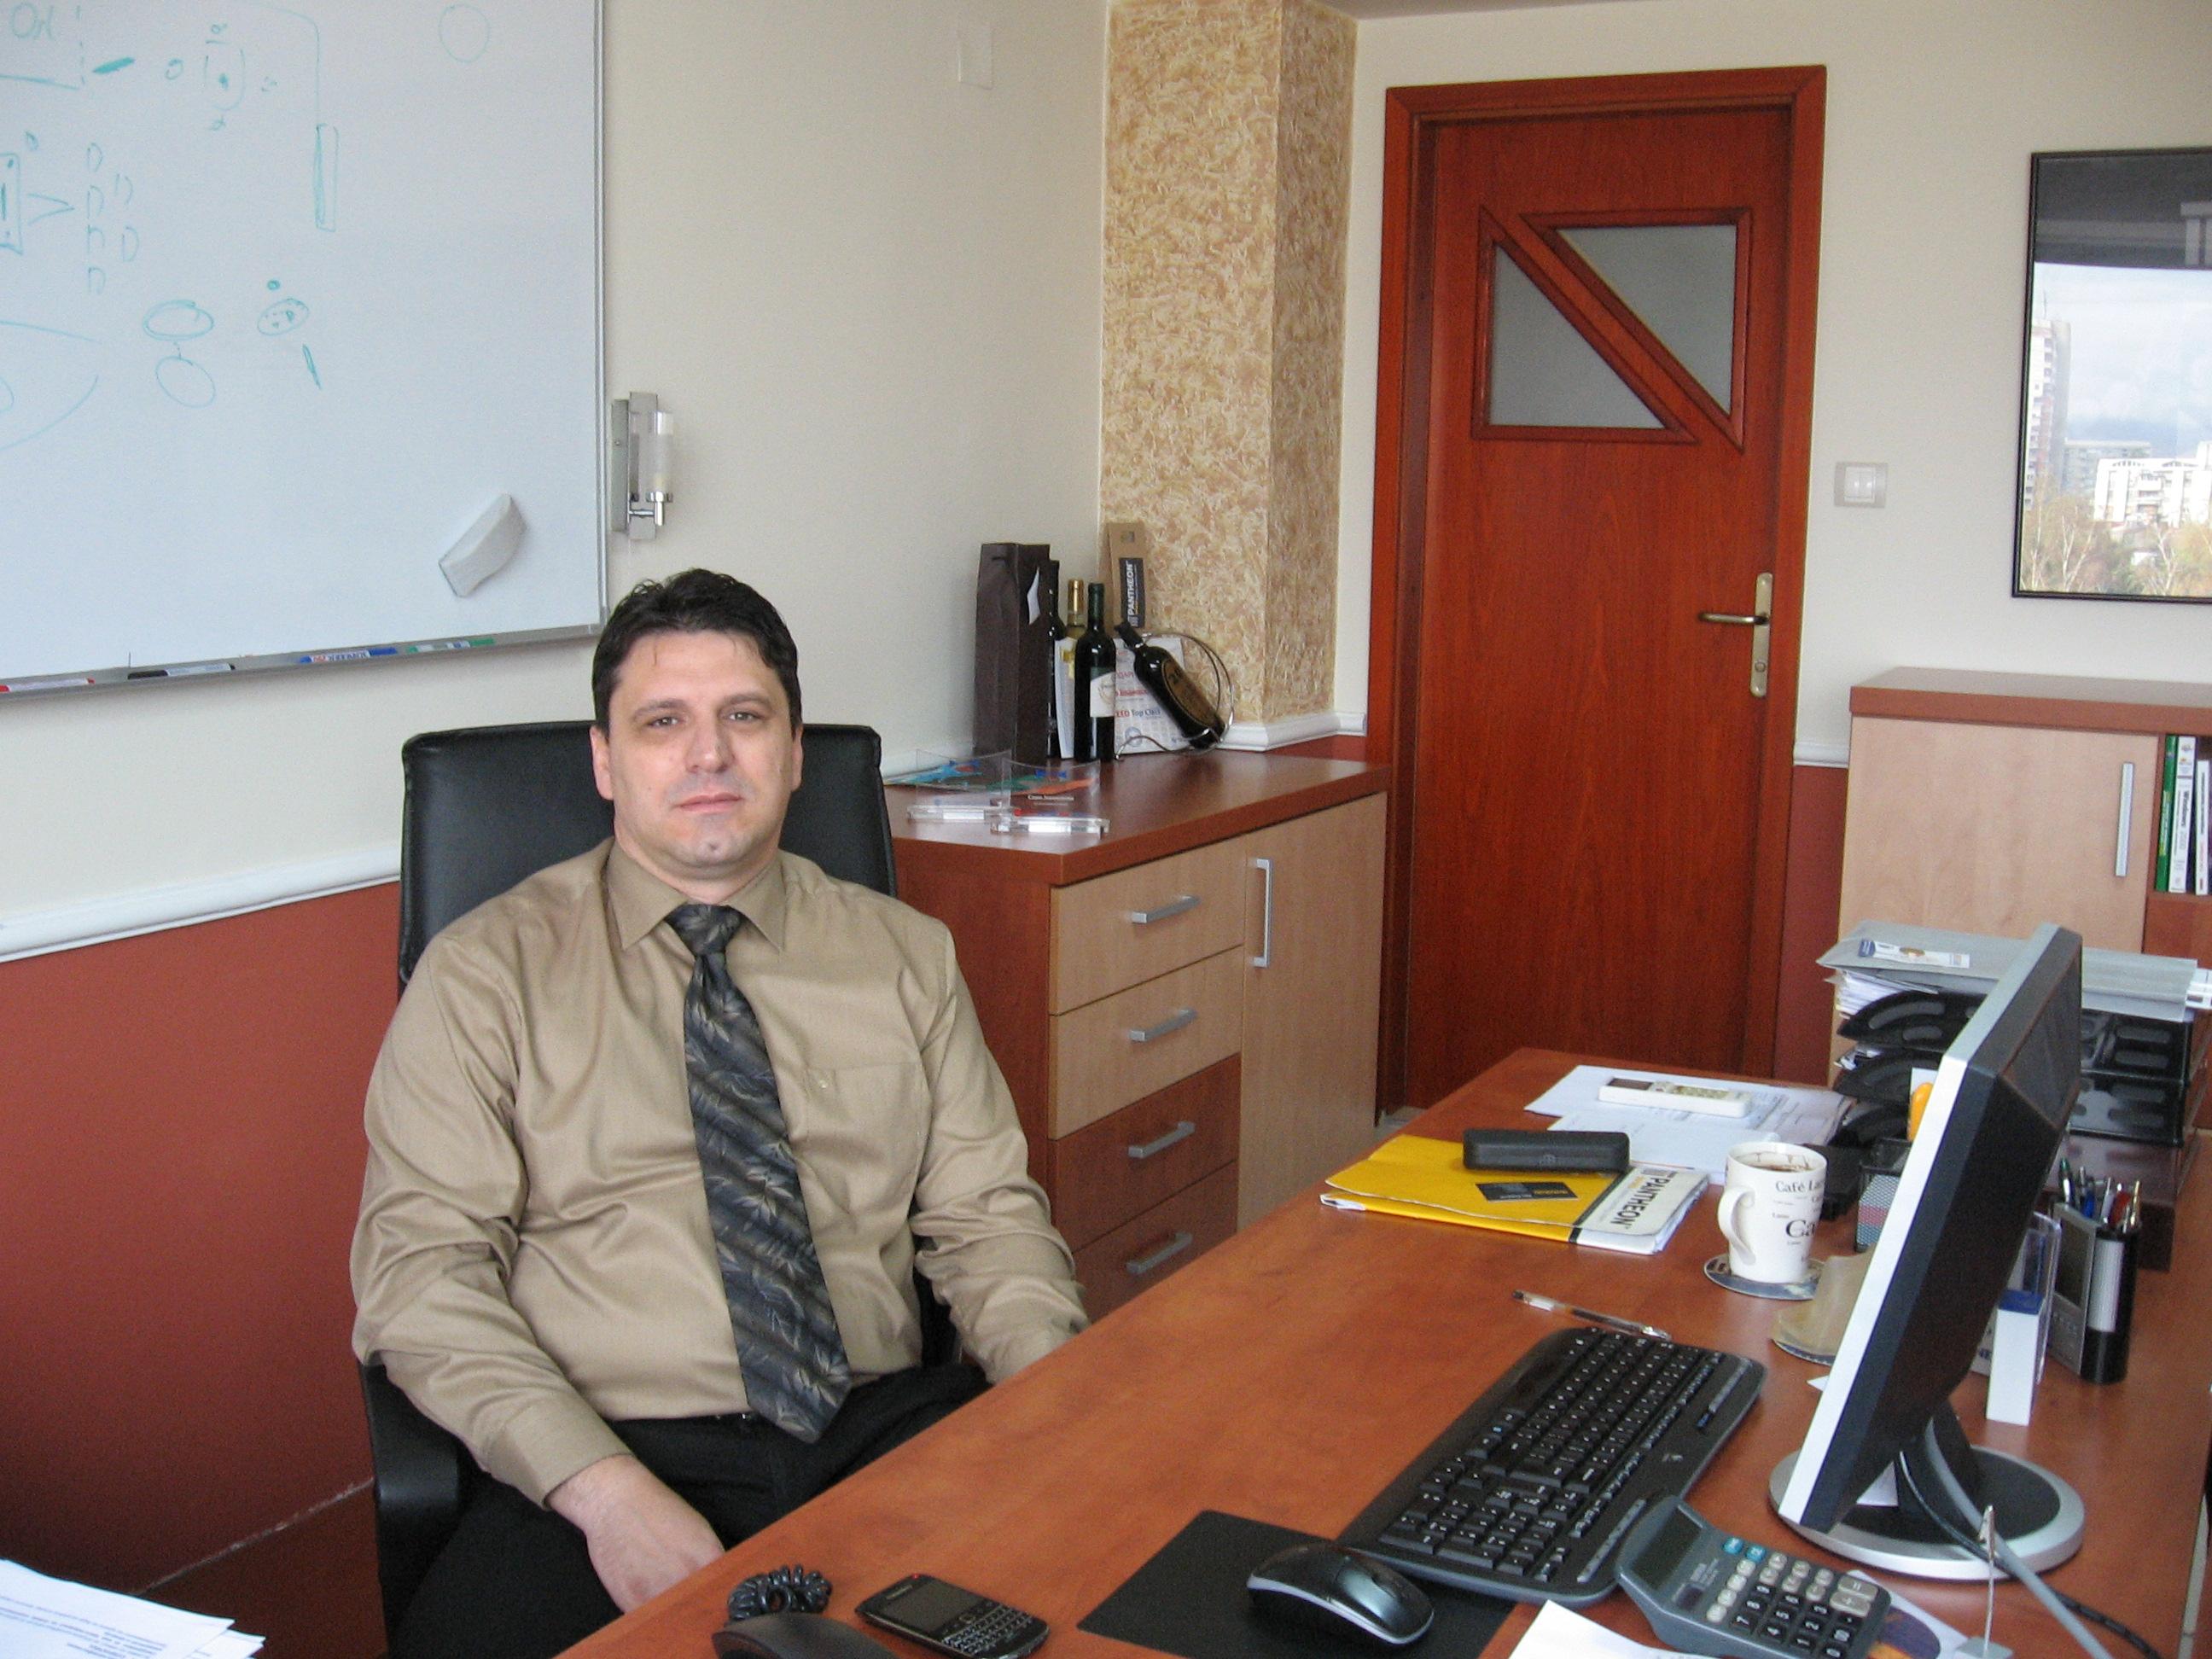 Сашо Јовановски, директор на македонската филијала на Даталаб